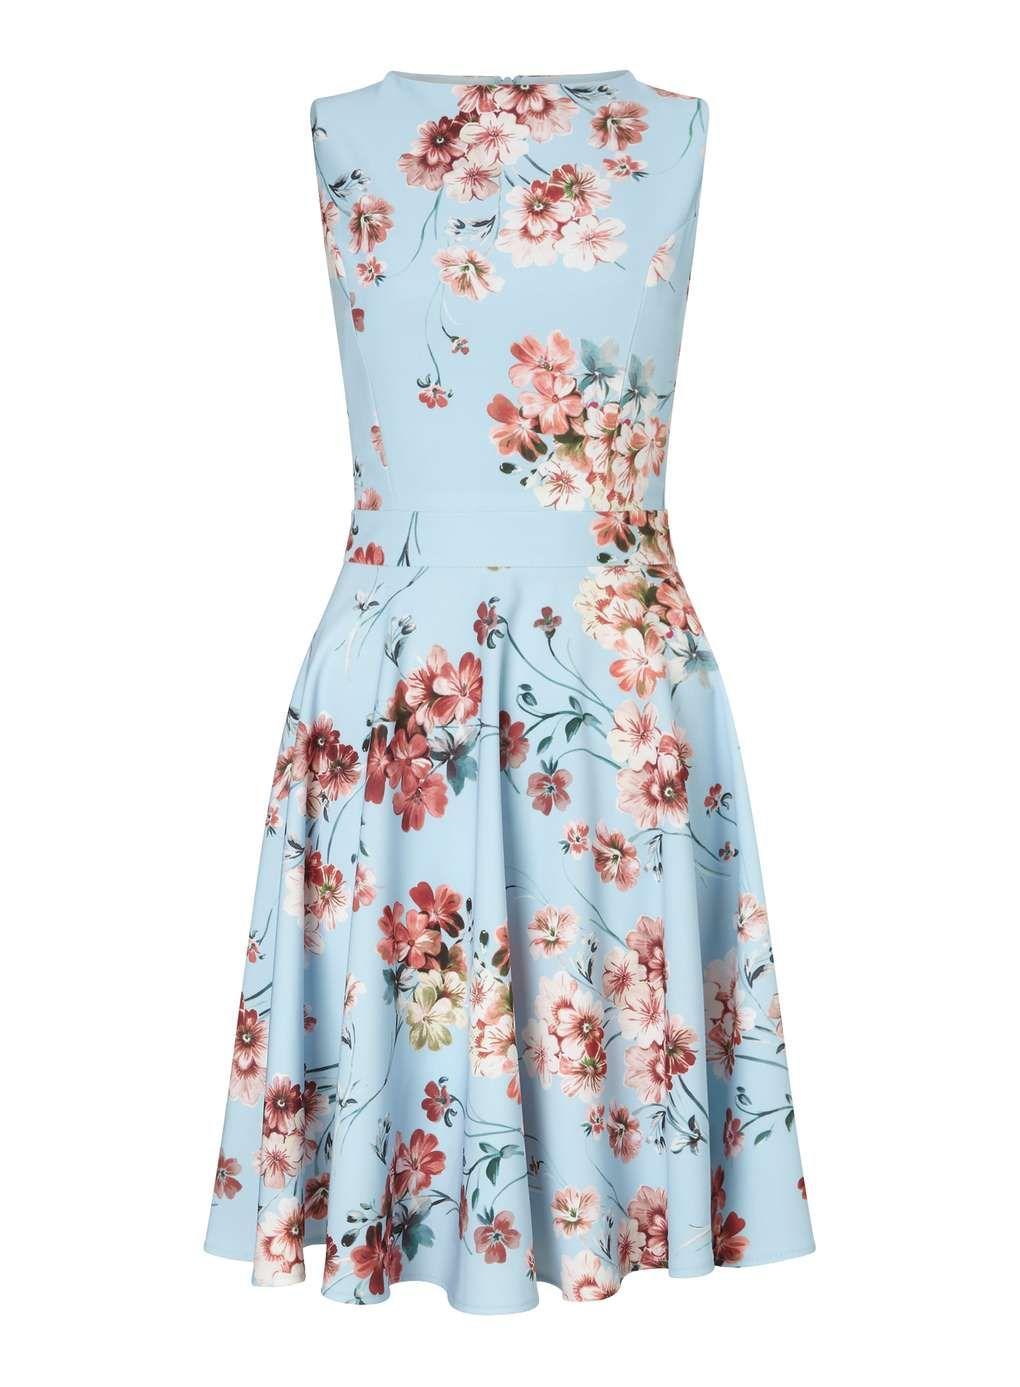 Skaterkleid mit Blumenprint - Kleider - Kleidung   Floral, Clothing ...